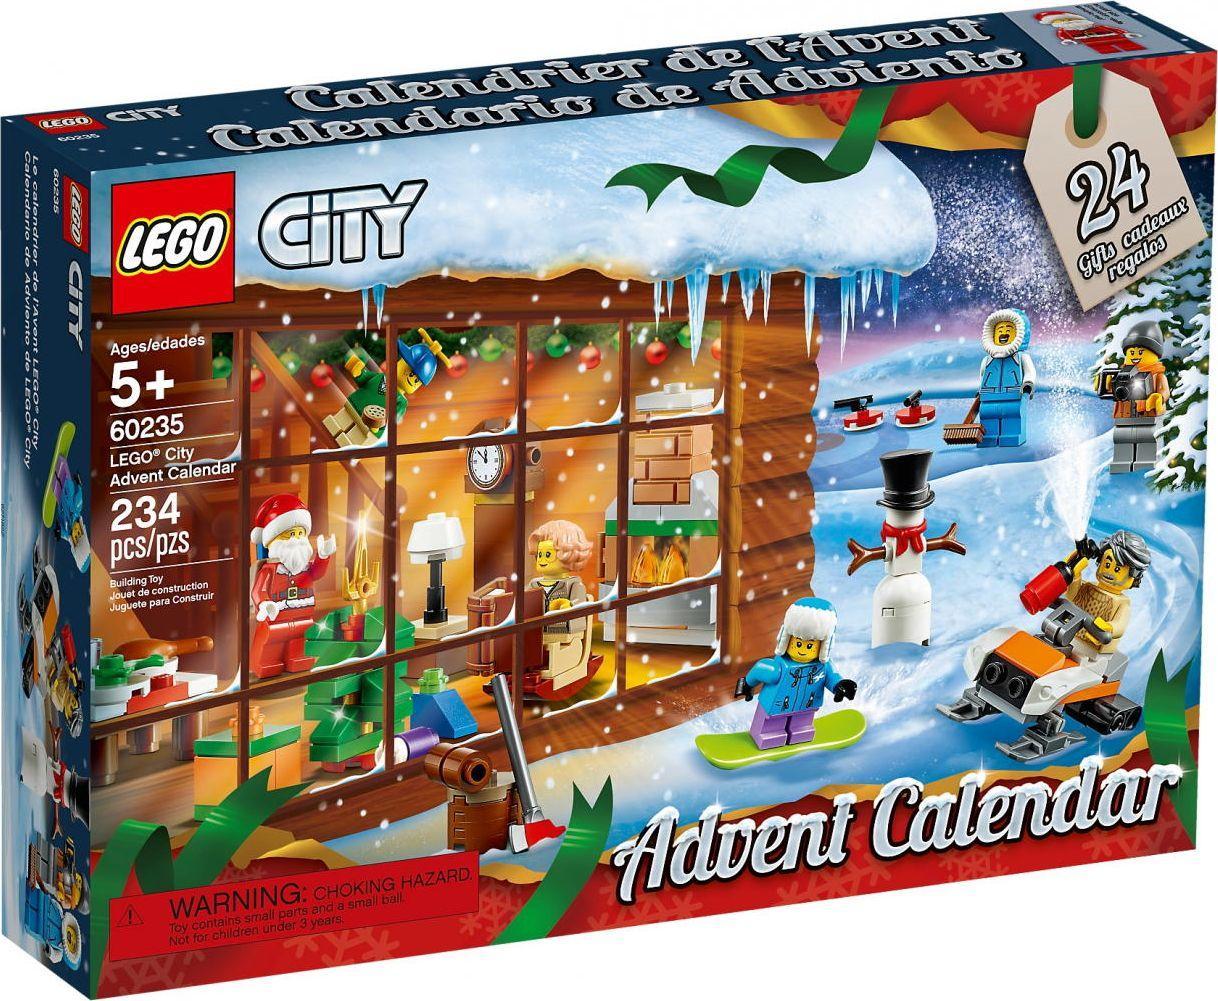 Lego Calendrier.Lego City Advento Kalendorius 60235